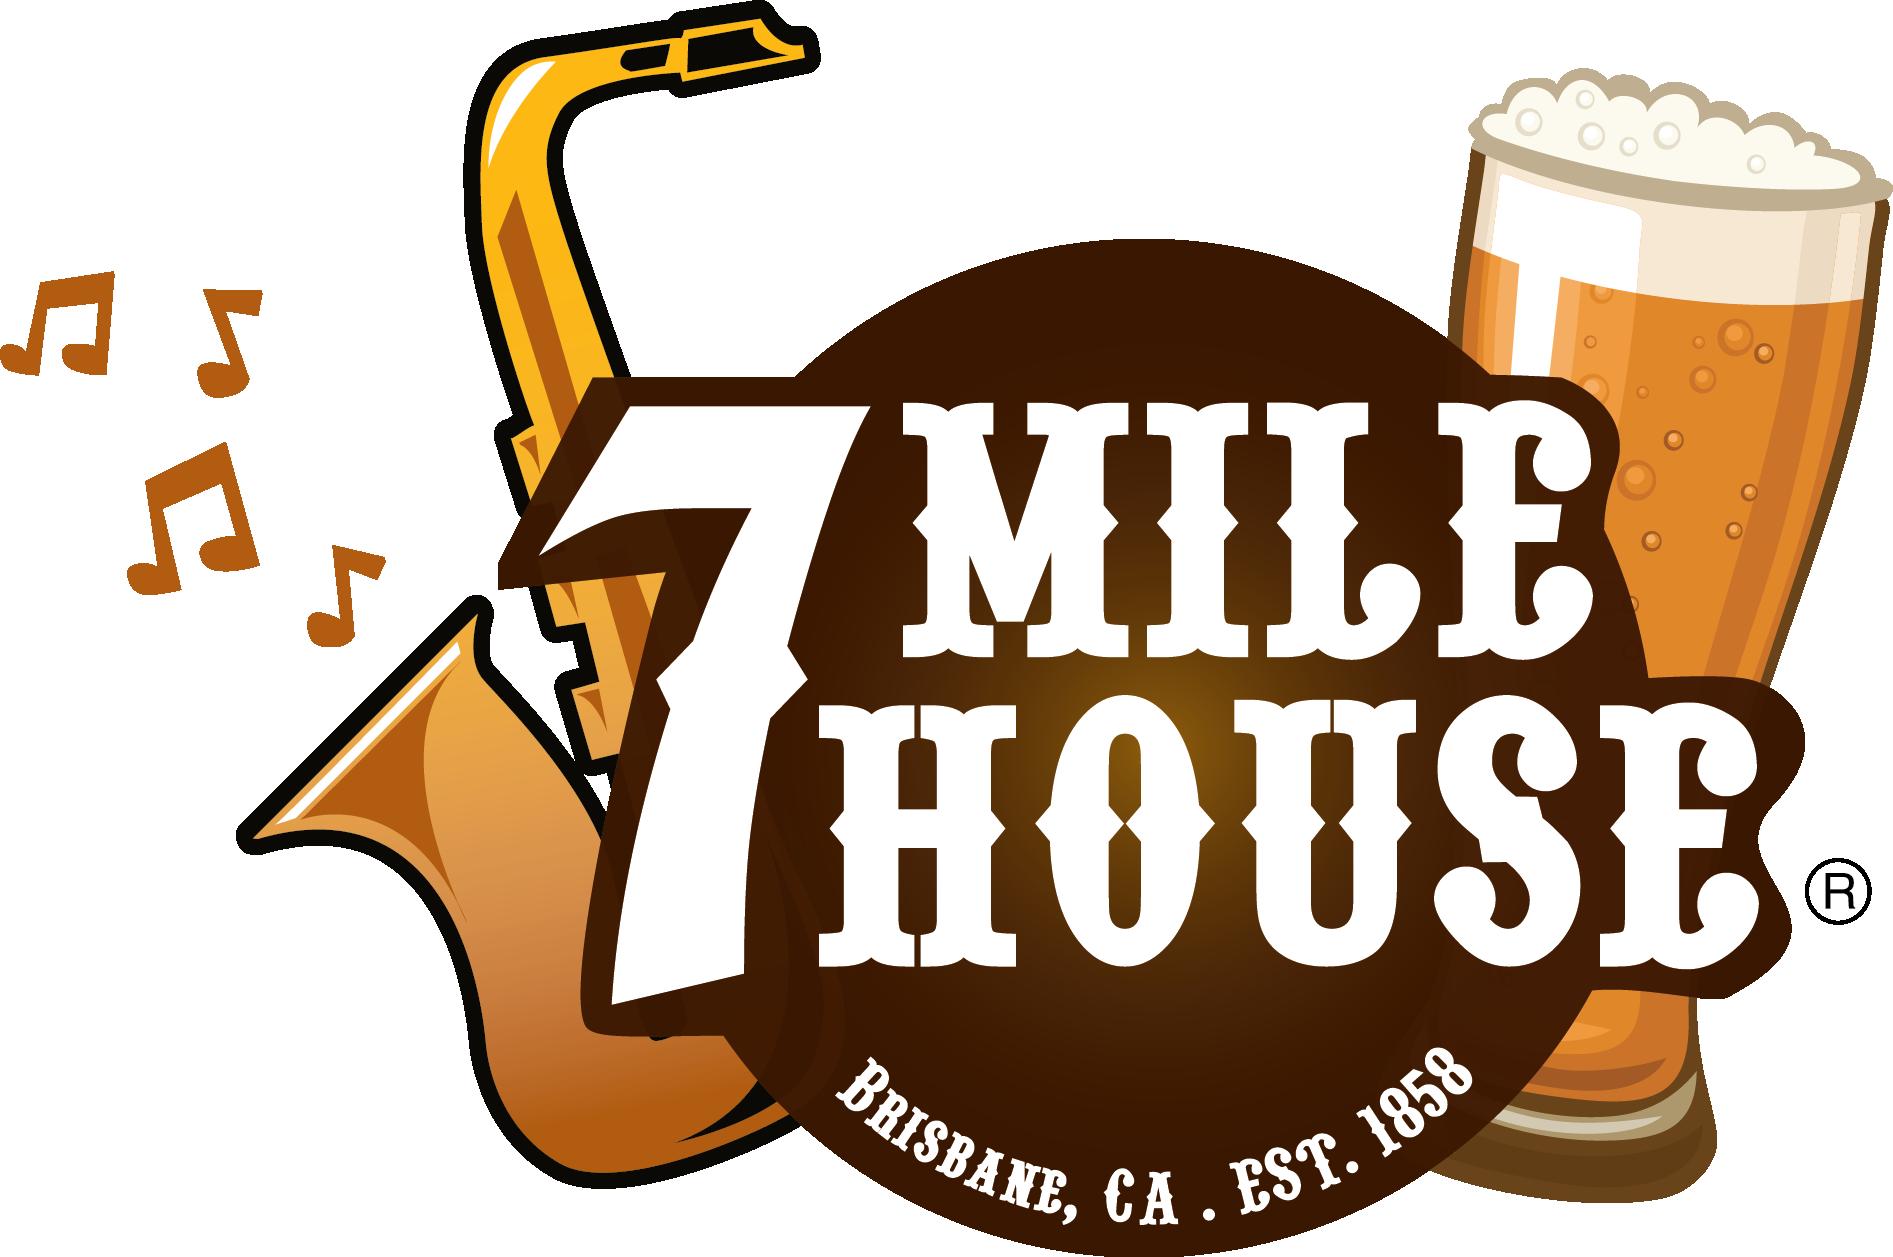 7milehouse_jazz_logo